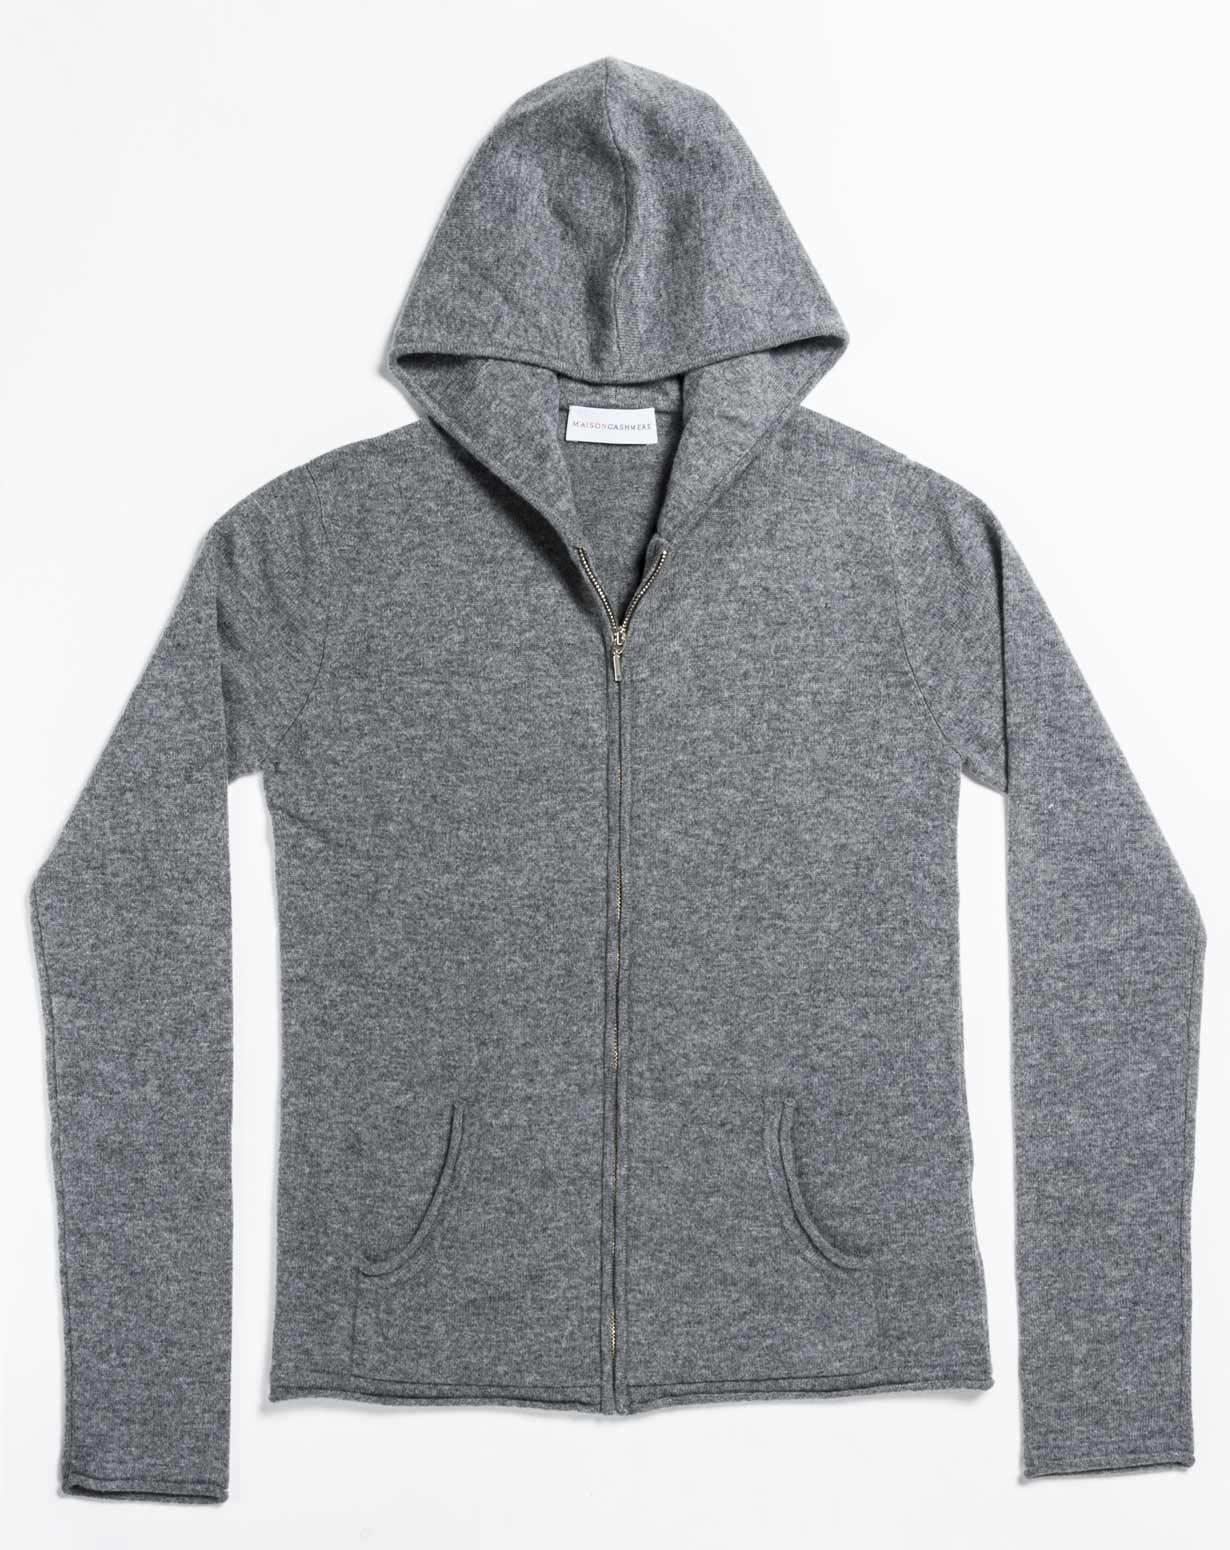 Premium-Auswahl uk billig verkaufen großer Verkauf Große Größen Damen - Hoodie aus 100 % Kaschmir